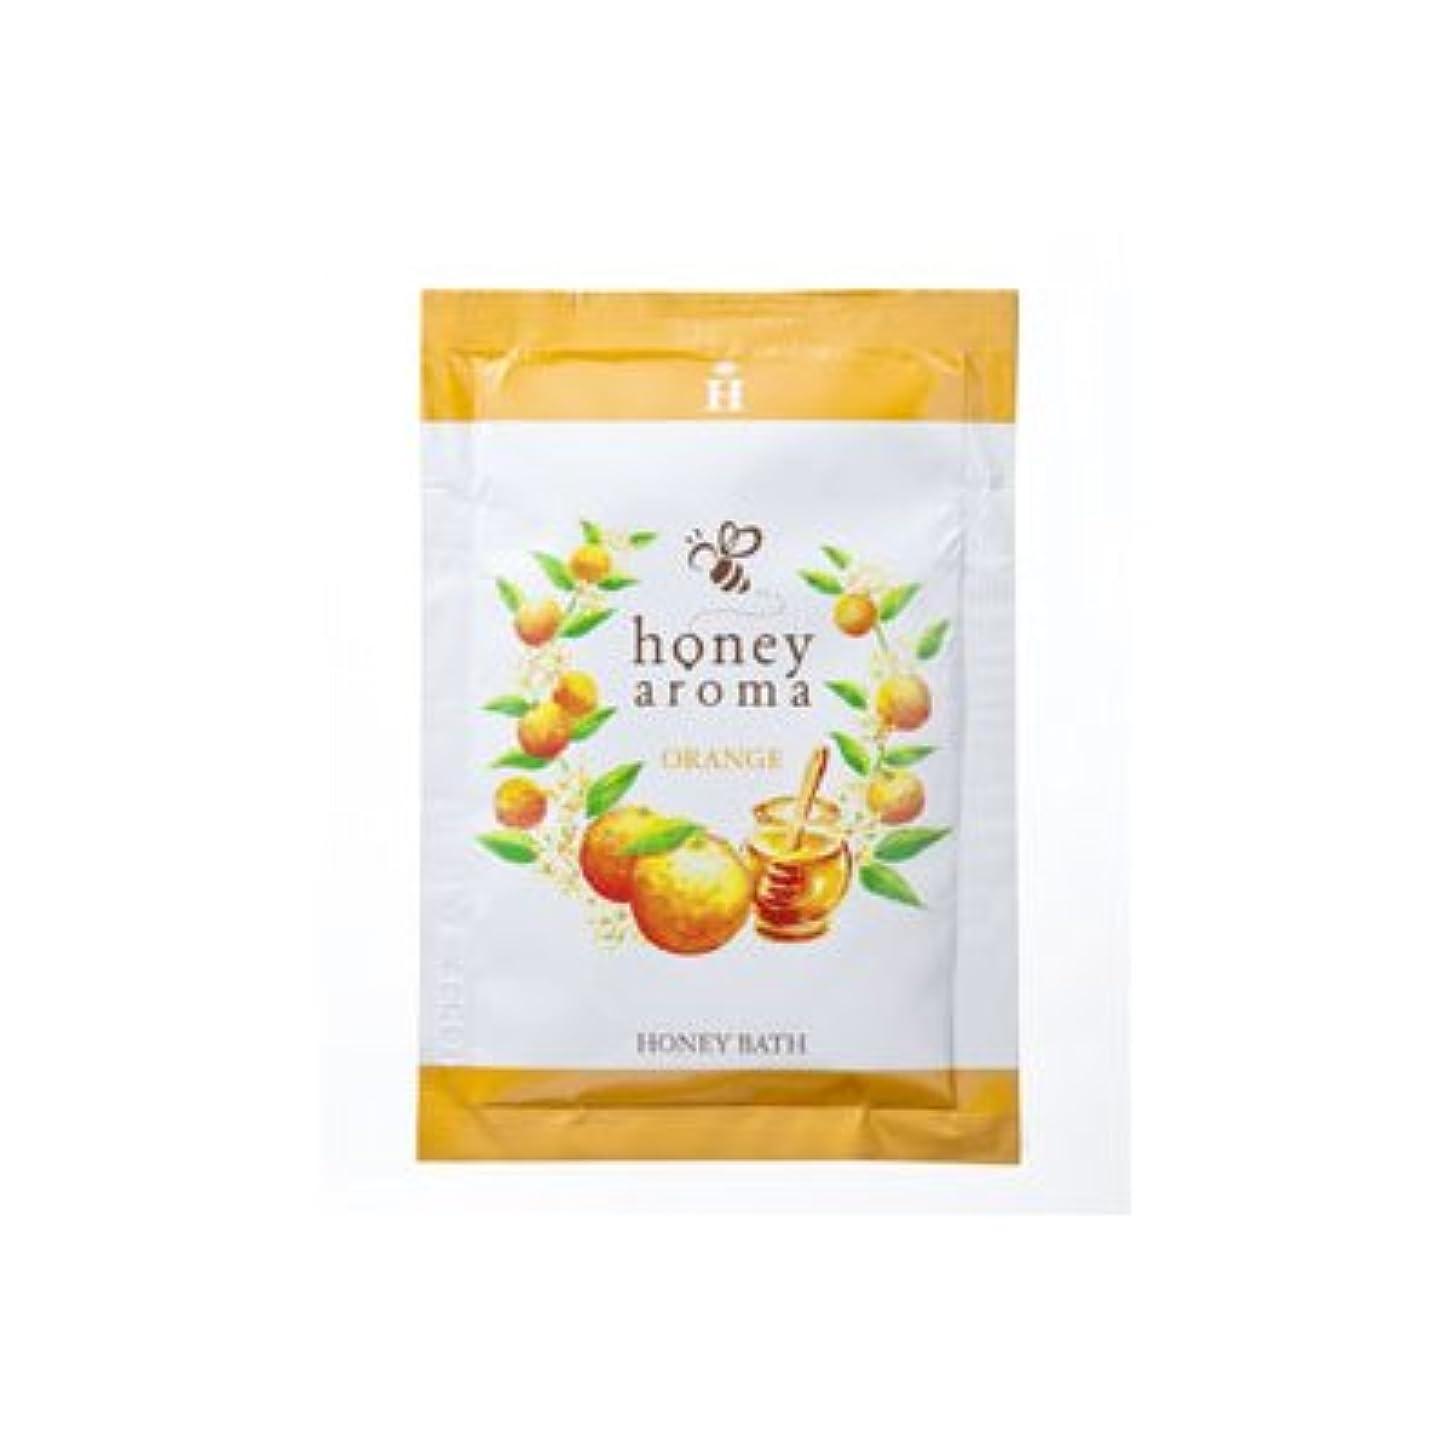 出席する漏斗抽出ハニーアロマ ハニーバス(入浴剤) 5包(オレンジの香り)